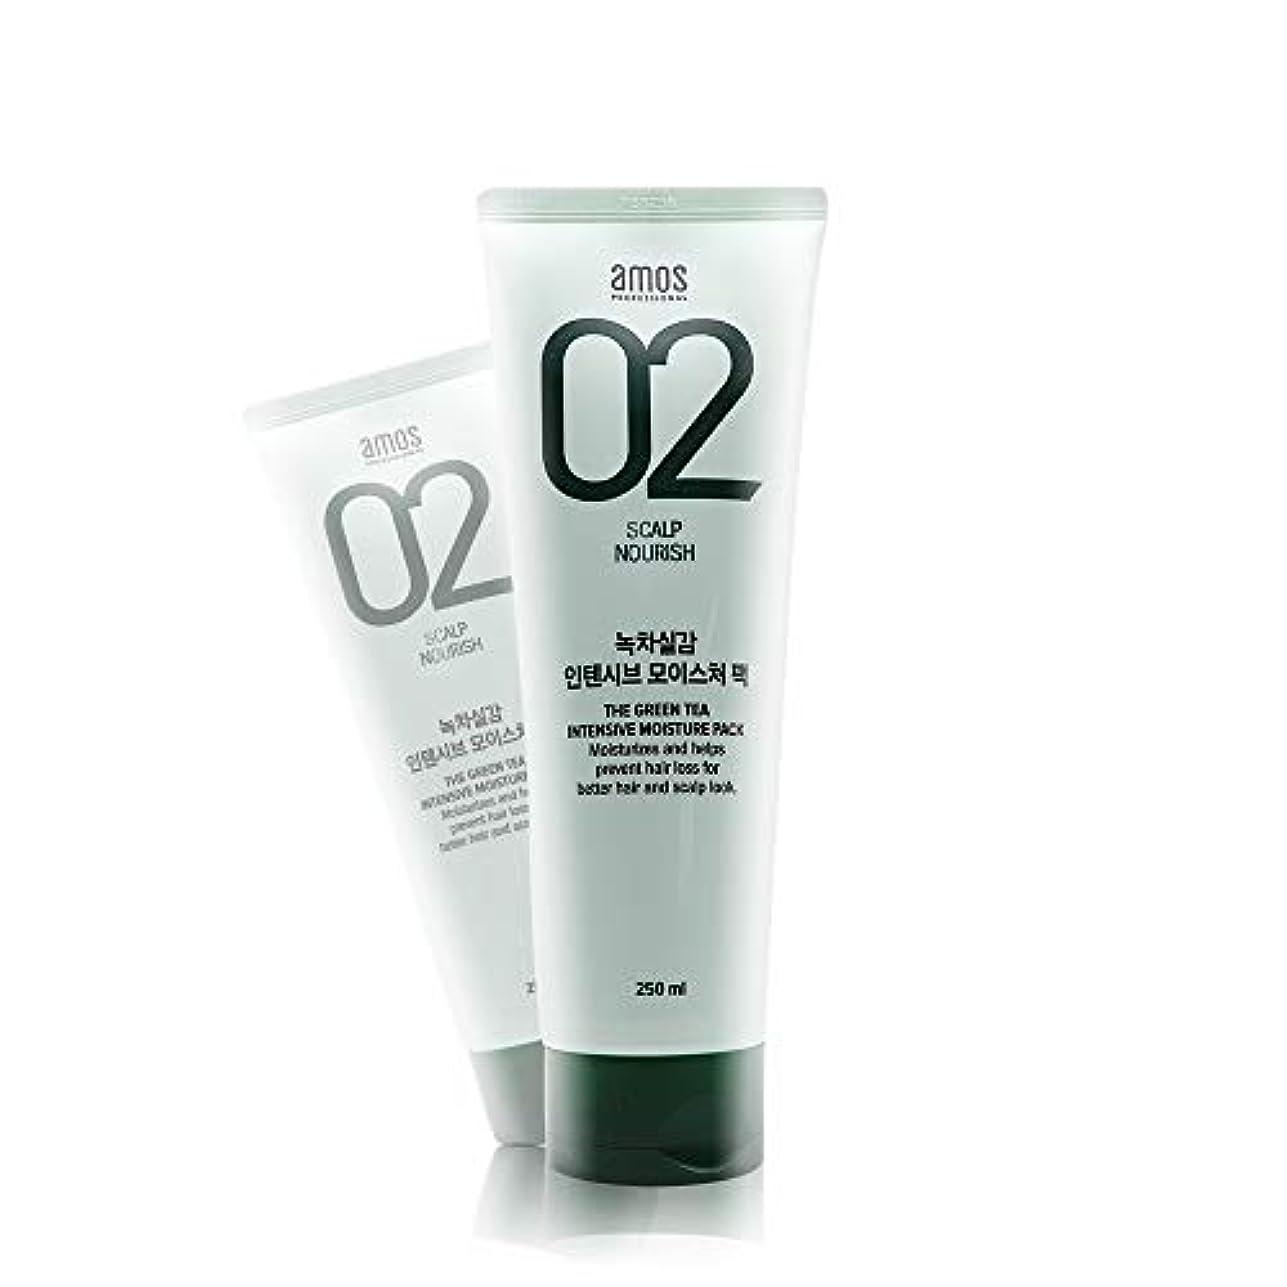 師匠死割り当てますアモス AMOS 緑茶実感インテンシブモイスチャーパック 250g, Feel the Green Tea Intensive Moisture Hair Pack